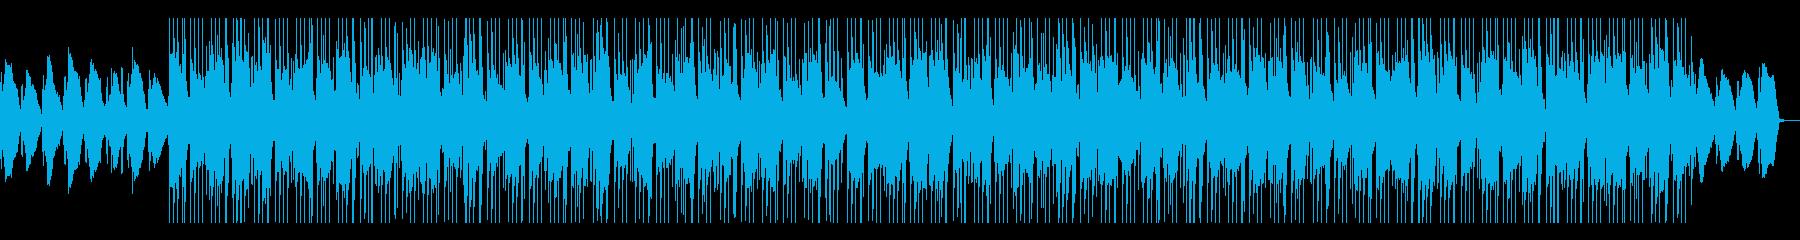 シックなJazzフュージョン系サウンドの再生済みの波形